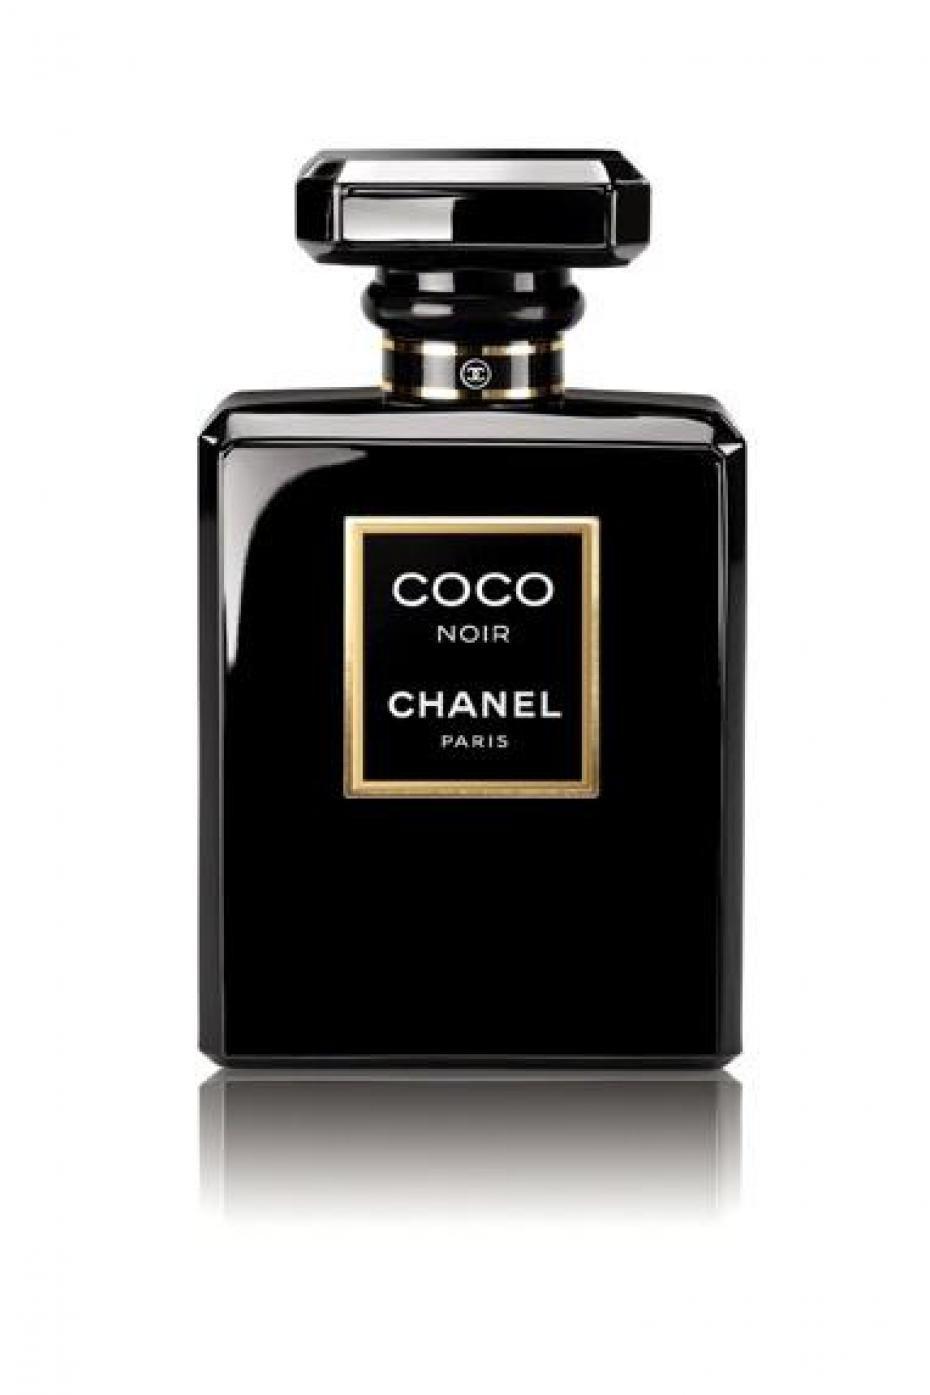 Coco Noir De Chanel Le Nouveau Parfum Flacon Noir Au Double C